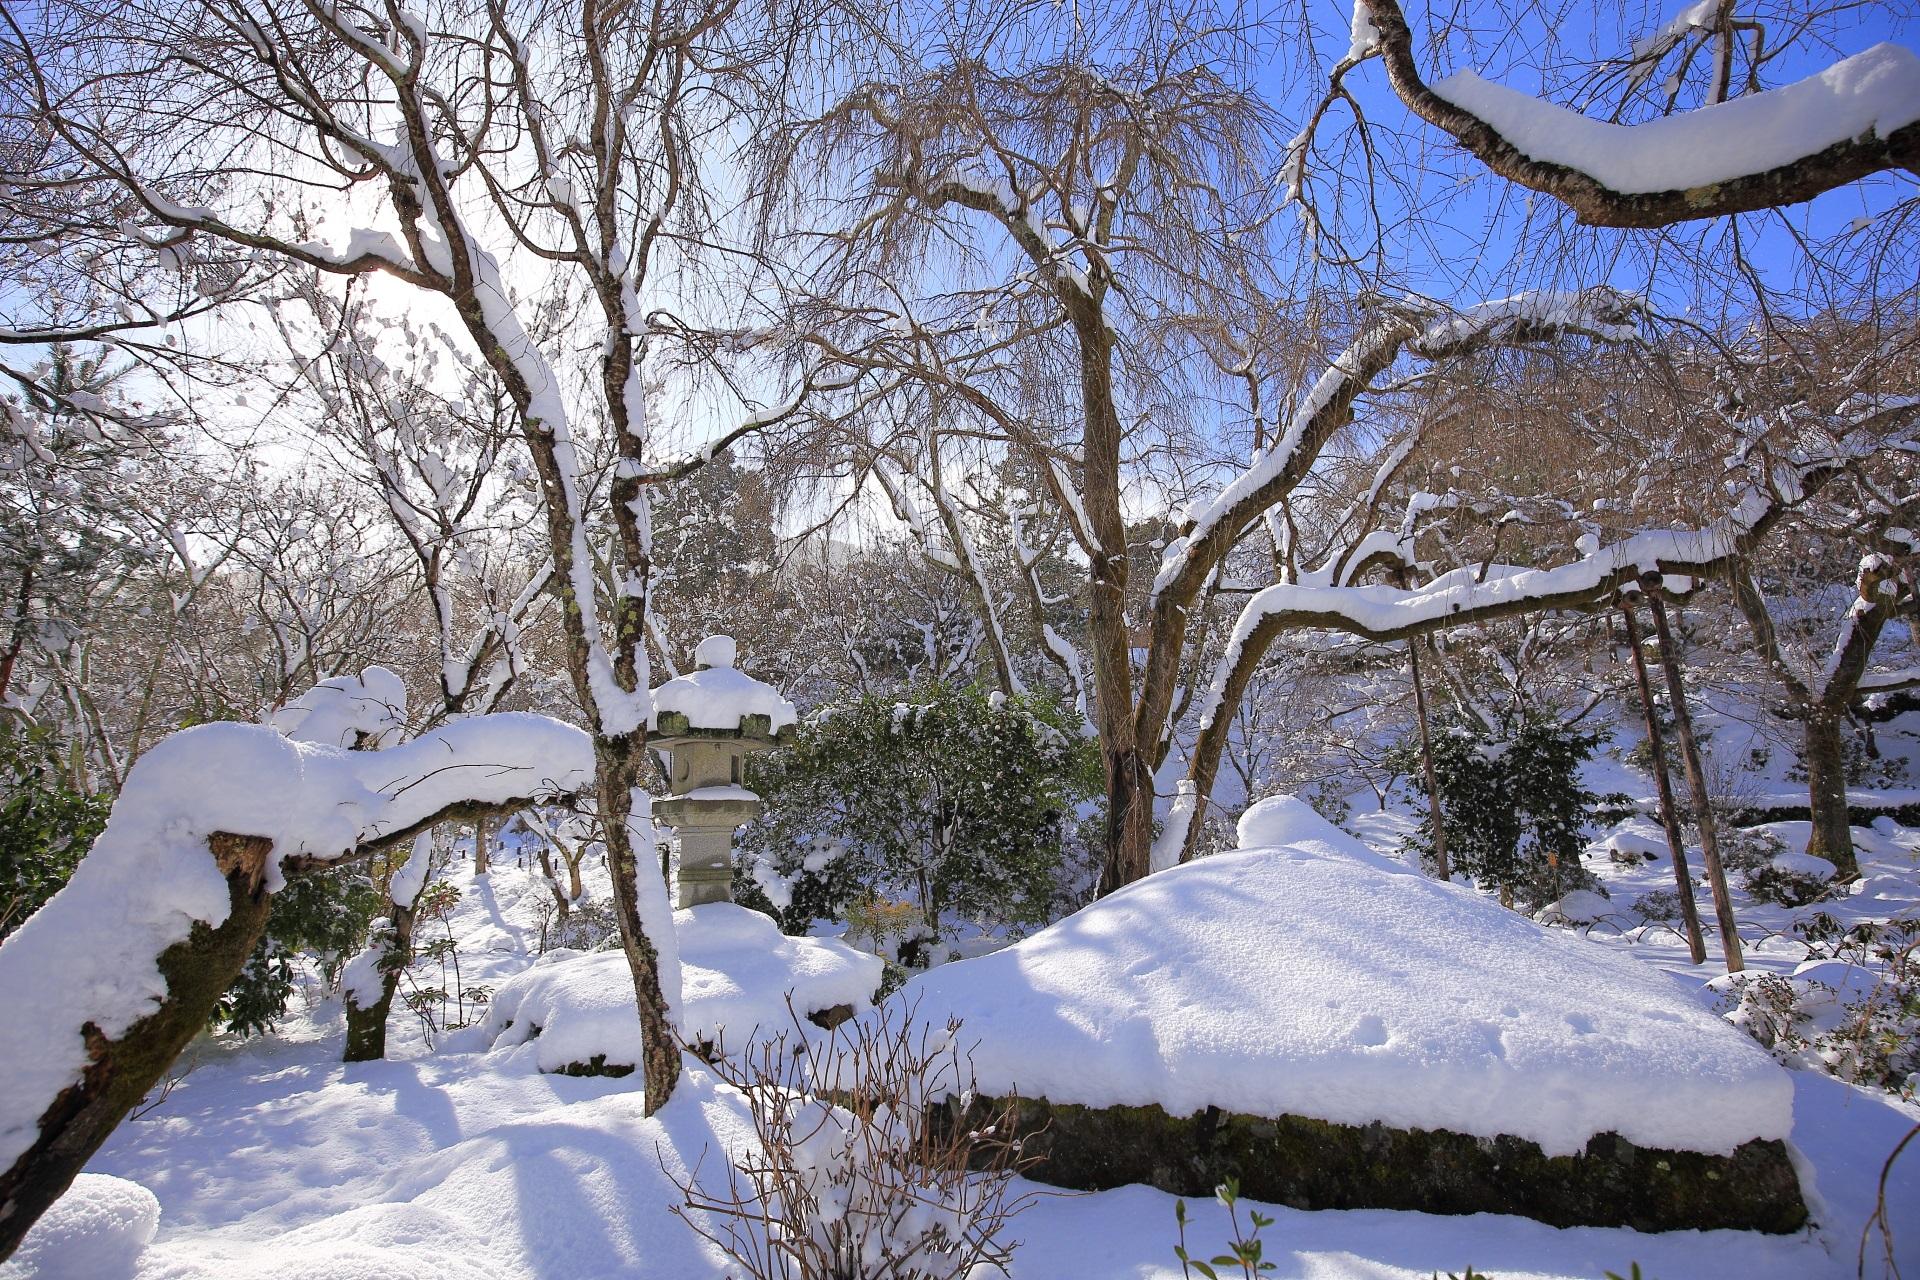 青空の真っ白な雪につつまれた天龍寺